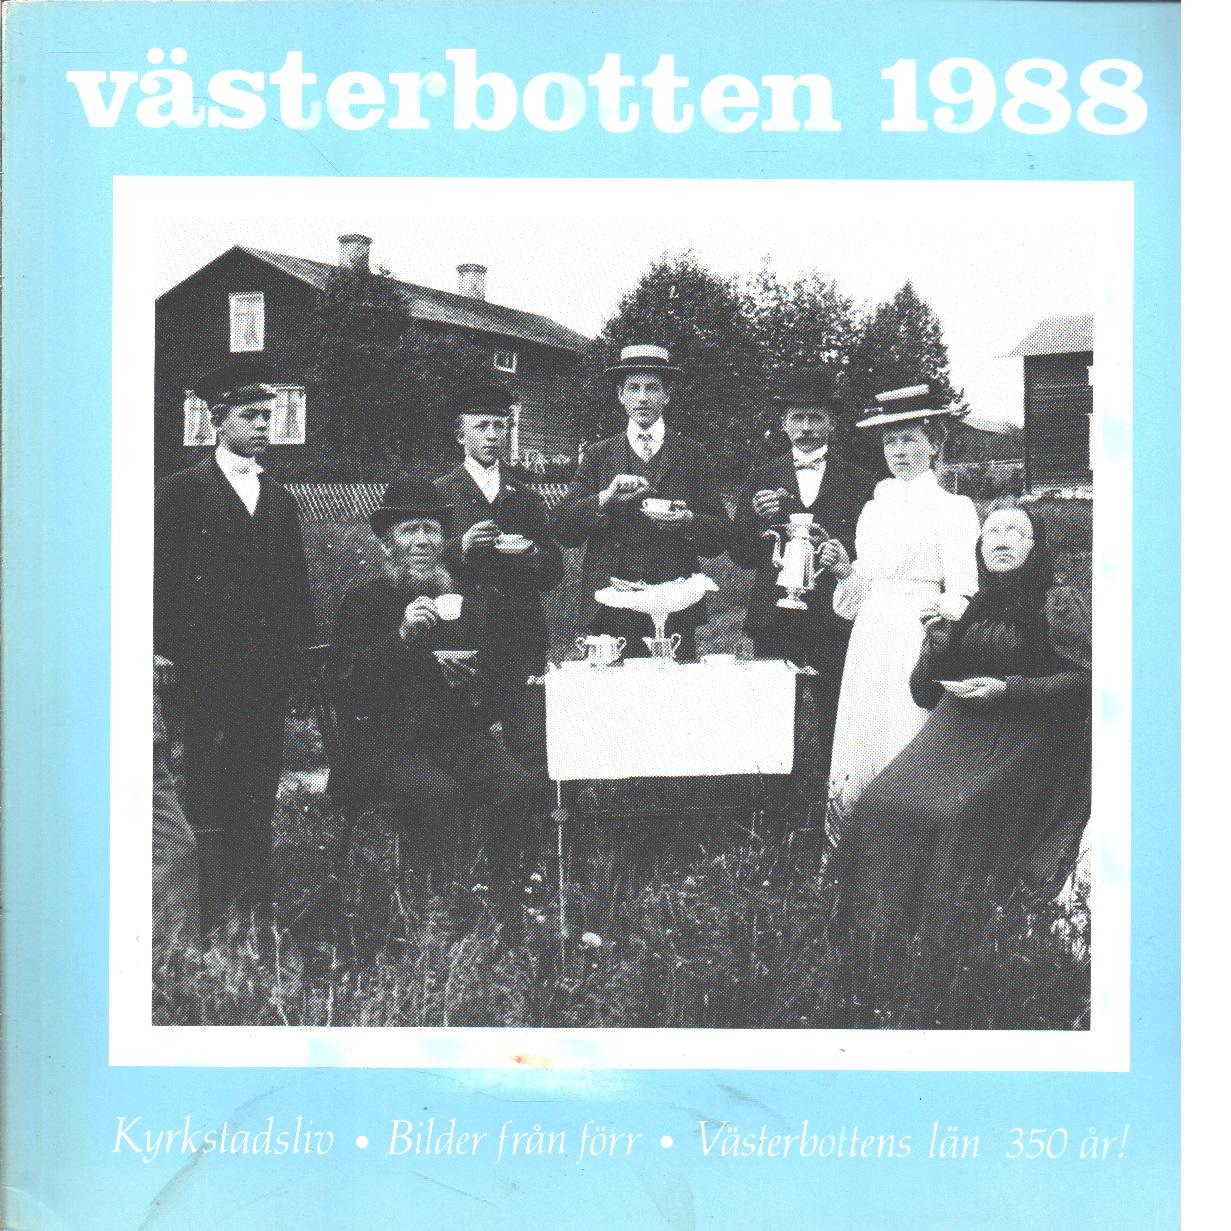 Västerbotten : Västerbottens läns hembygdsförenings årsbok 1988 - Red.